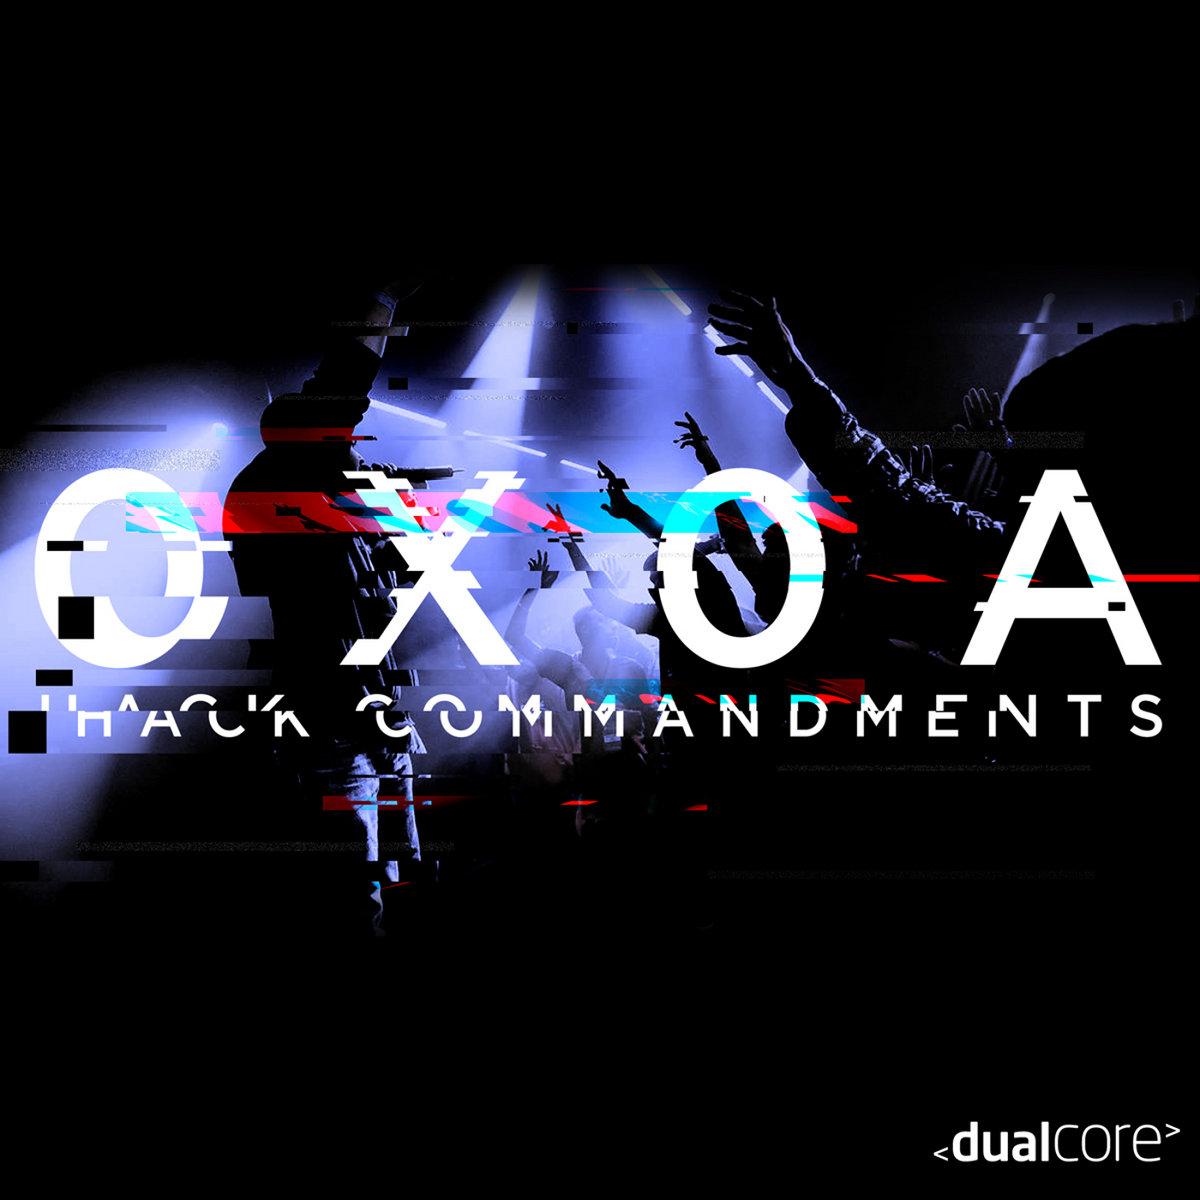 0x0A Hack Commandments | Dual Core